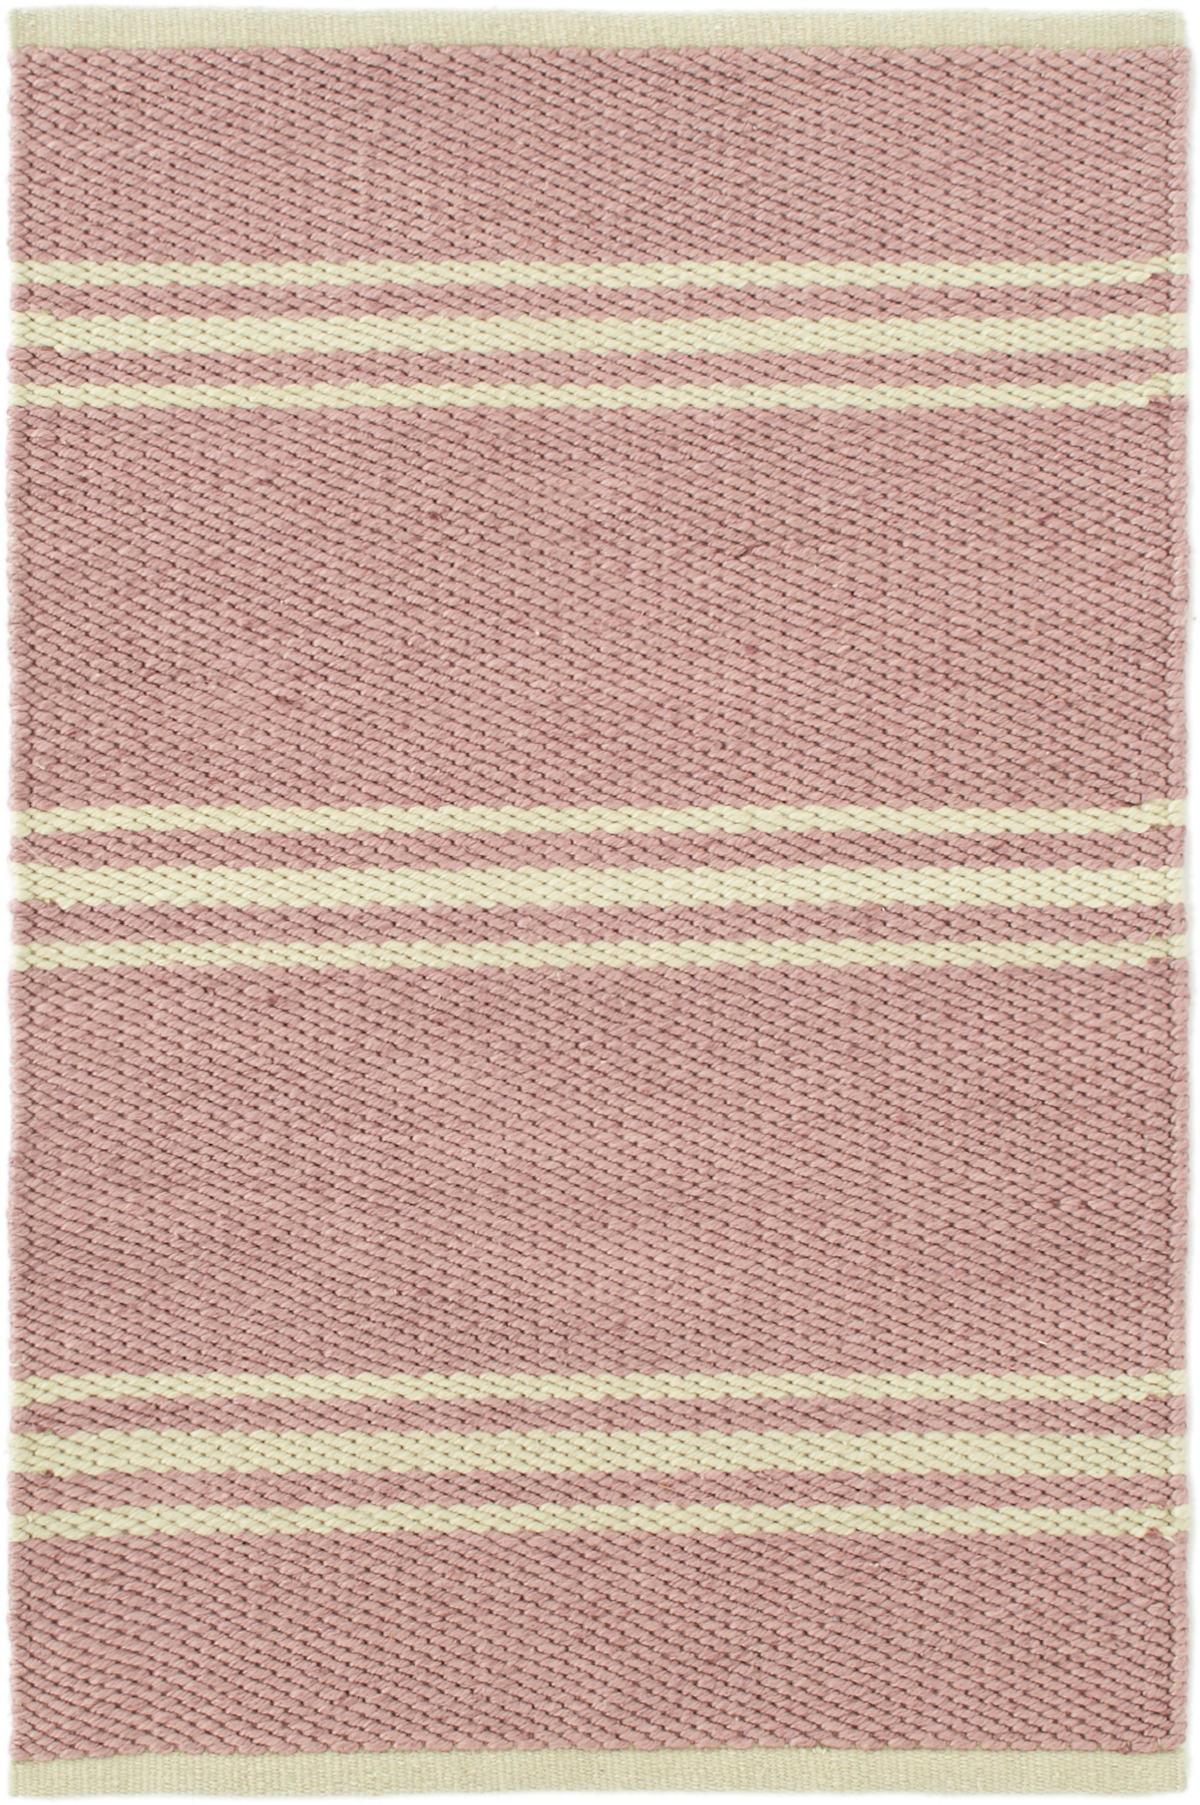 Lexington Pink/Ivory Indoor/Outdoor Rug